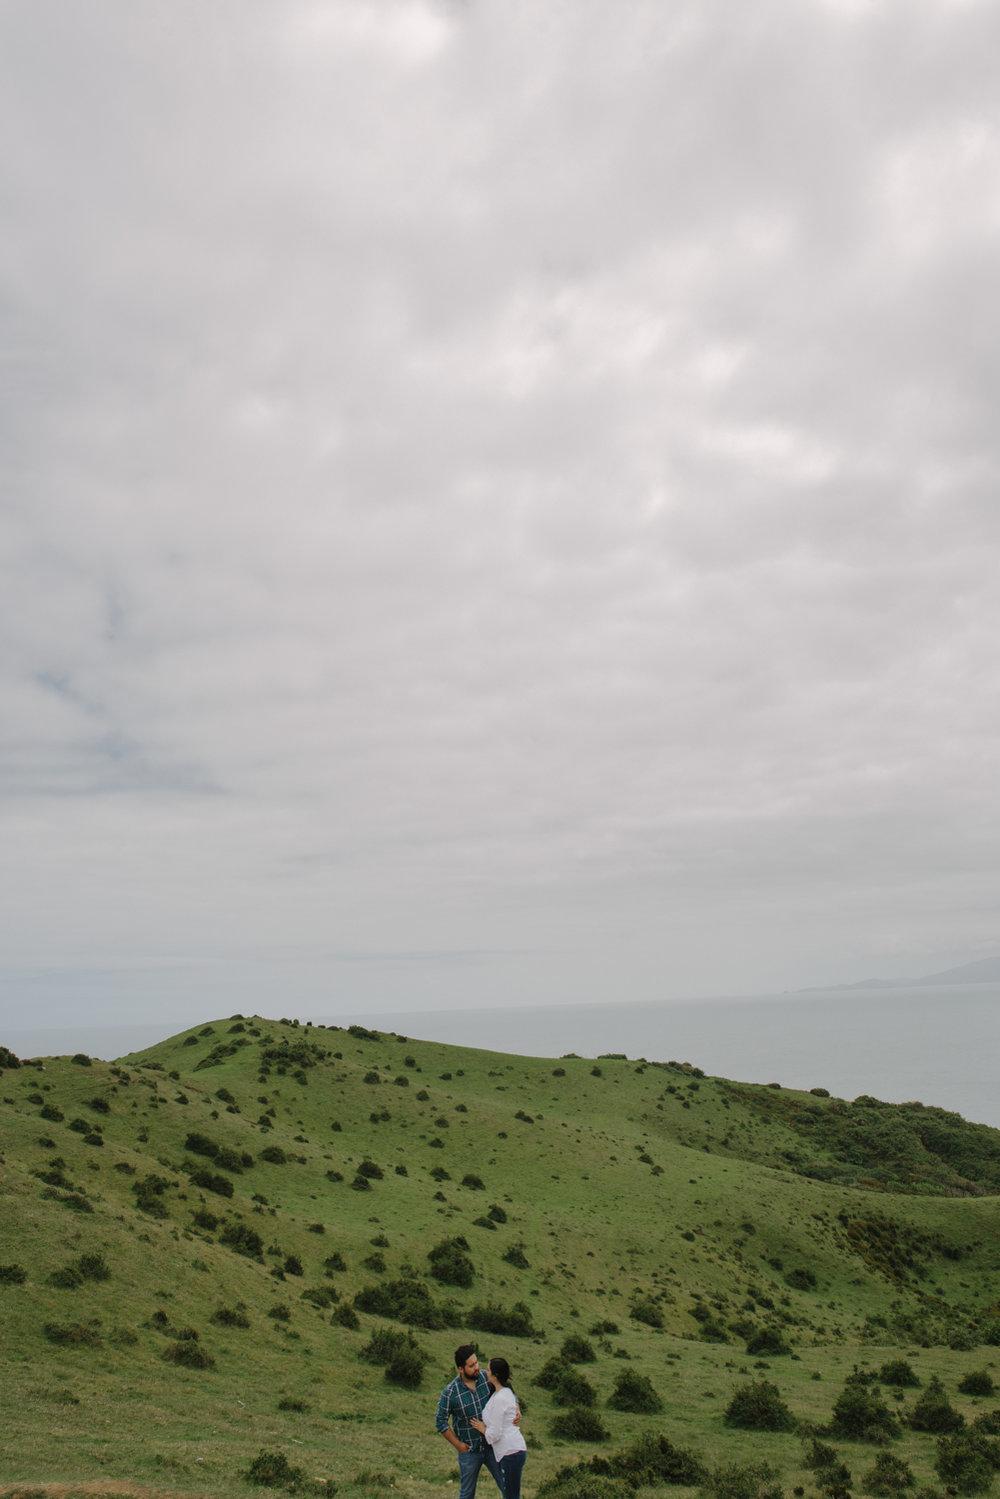 pedroandcamila-1.jpg